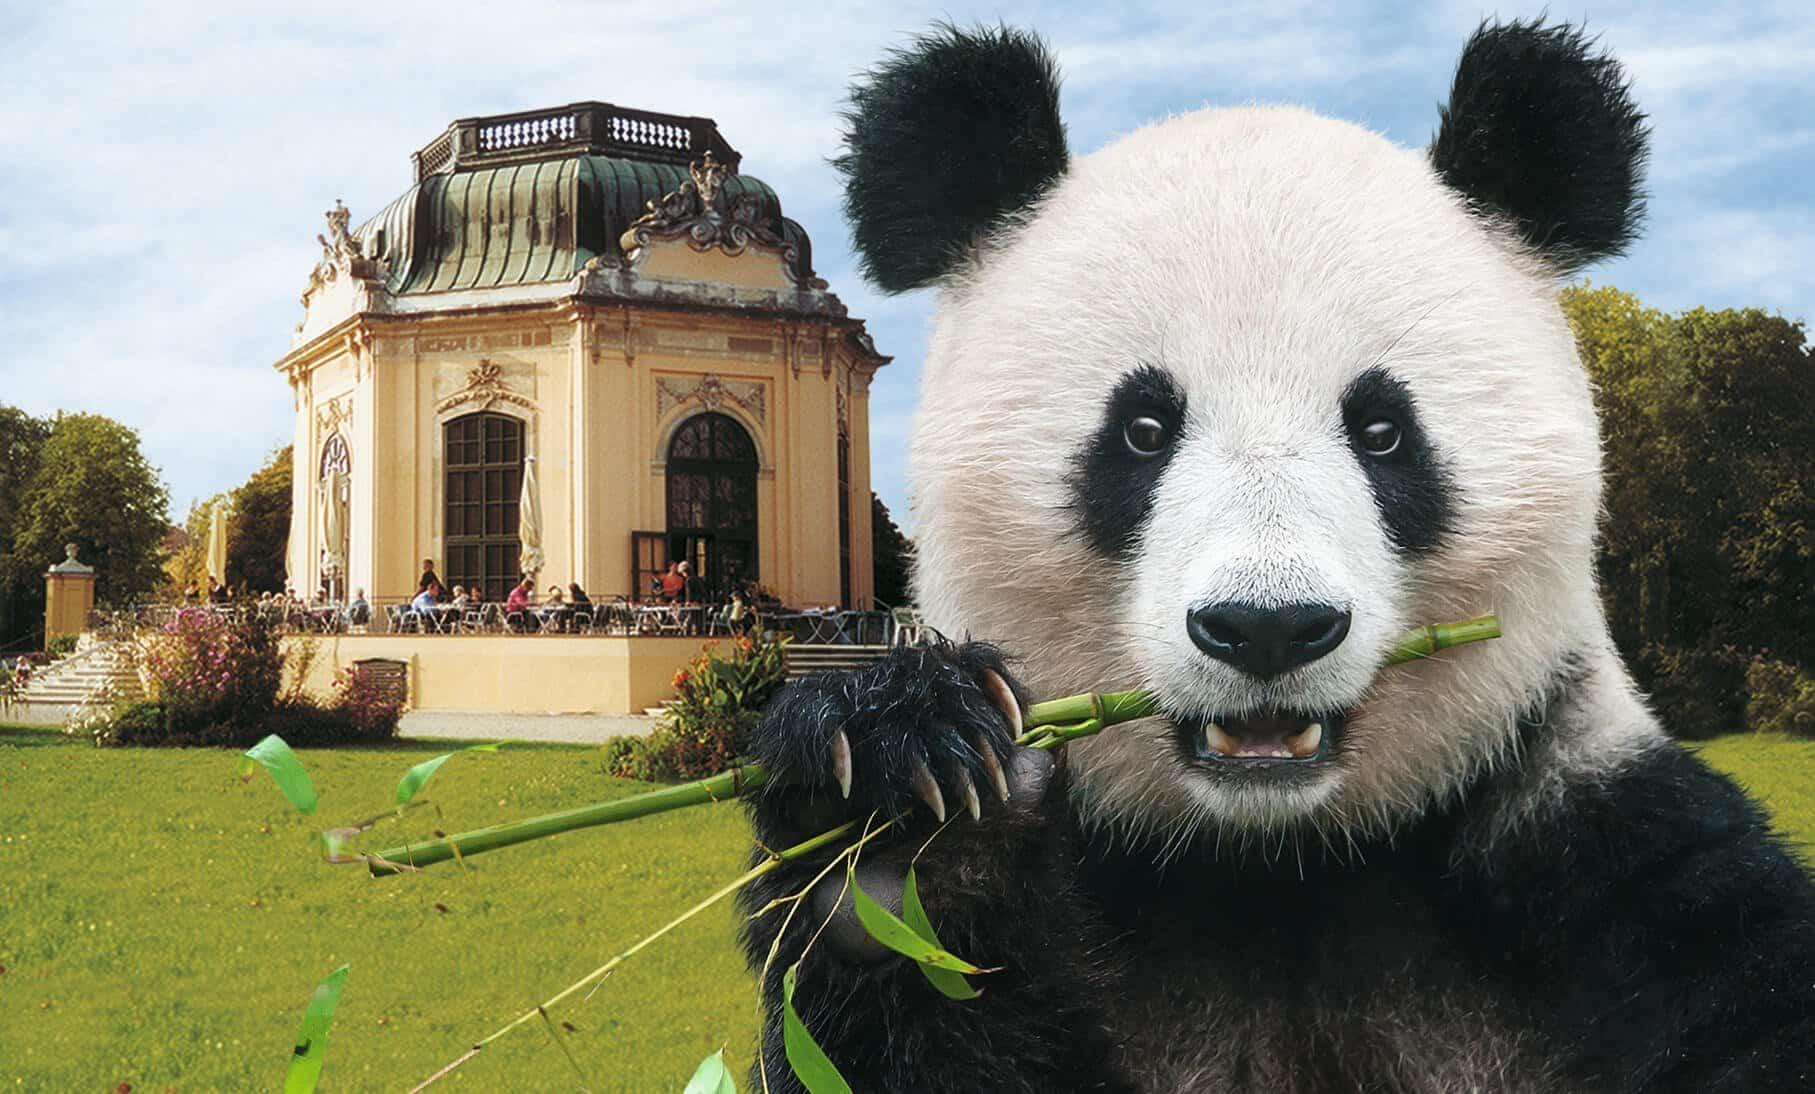 Tiergarten Schönbrunn Angebot vom Austria Trend Hotel